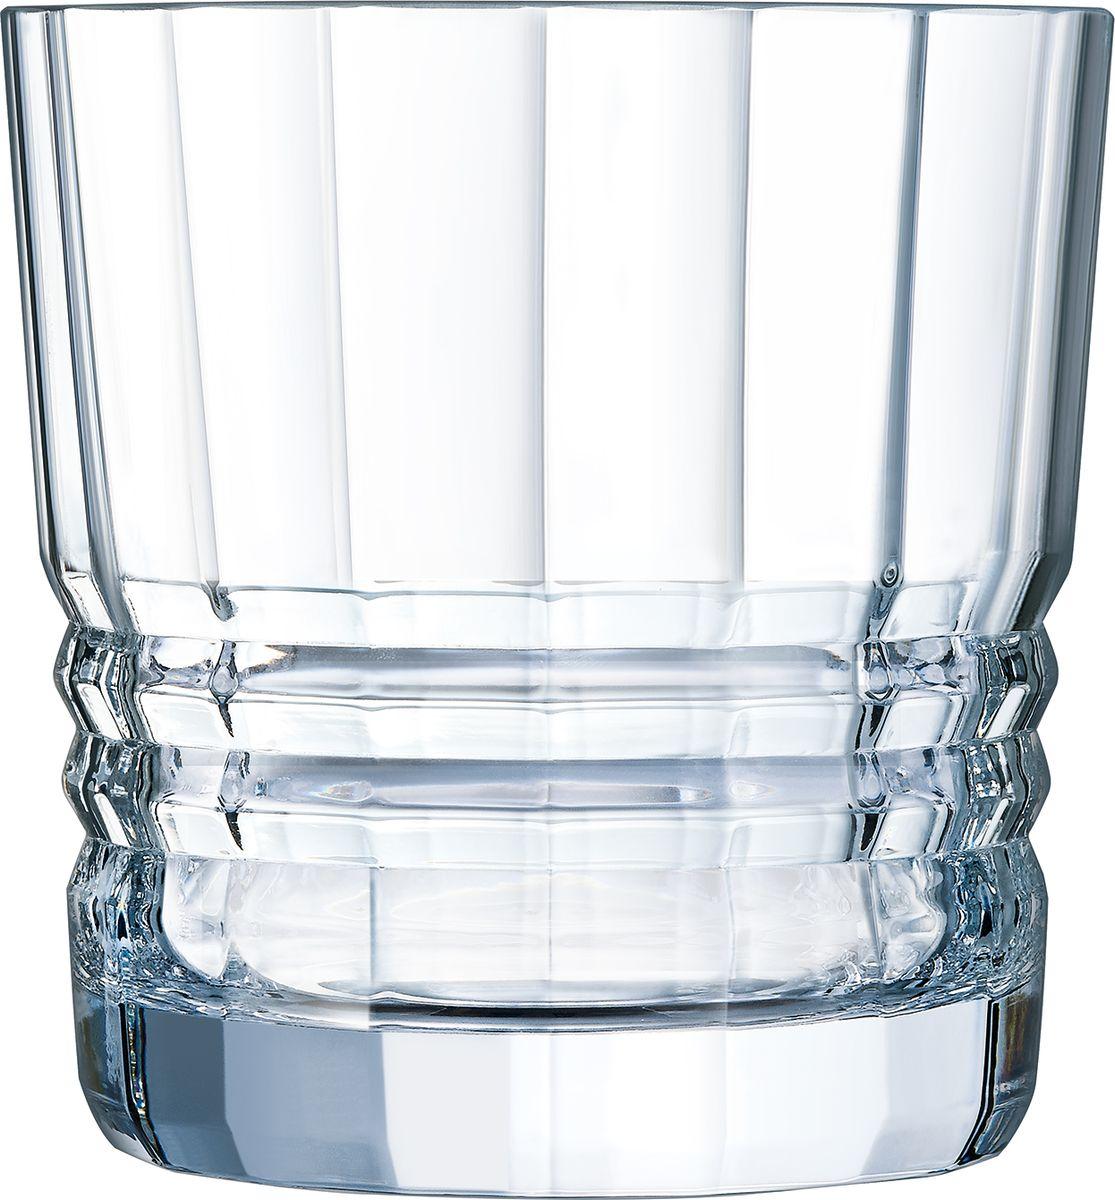 Ведро для льда Cristal dArques Architecte, 14 х 15 см. L8451L8451Коллекция вдохновлена безумными двадцатыми и несет отпечаток эпохи, гениально соединившей круглые формы и прямые линии. Разбиение на грани. В ритме закруглений и выступов микрограней, прямые стаканы с тяжелым дном из коллекции Architecte словно вышли из бара, насыщенного мужественной атмосферой Парижа Хемингуэя эпохи между двумя мировыми войнами. Одновременно творчески эксцентричные и геометрически строгие, они обязаны своим современным видом… традициям и современной технической смелости. В них парадоксально соединяются по определению угловатые, но округлые грани, возвышаемые несравненным блеском хрусталя. Коллекция вдохновлена безумными двадцатыми и несет отпечаток эпохи, гениально соединившей круглые формы и прямые линии.